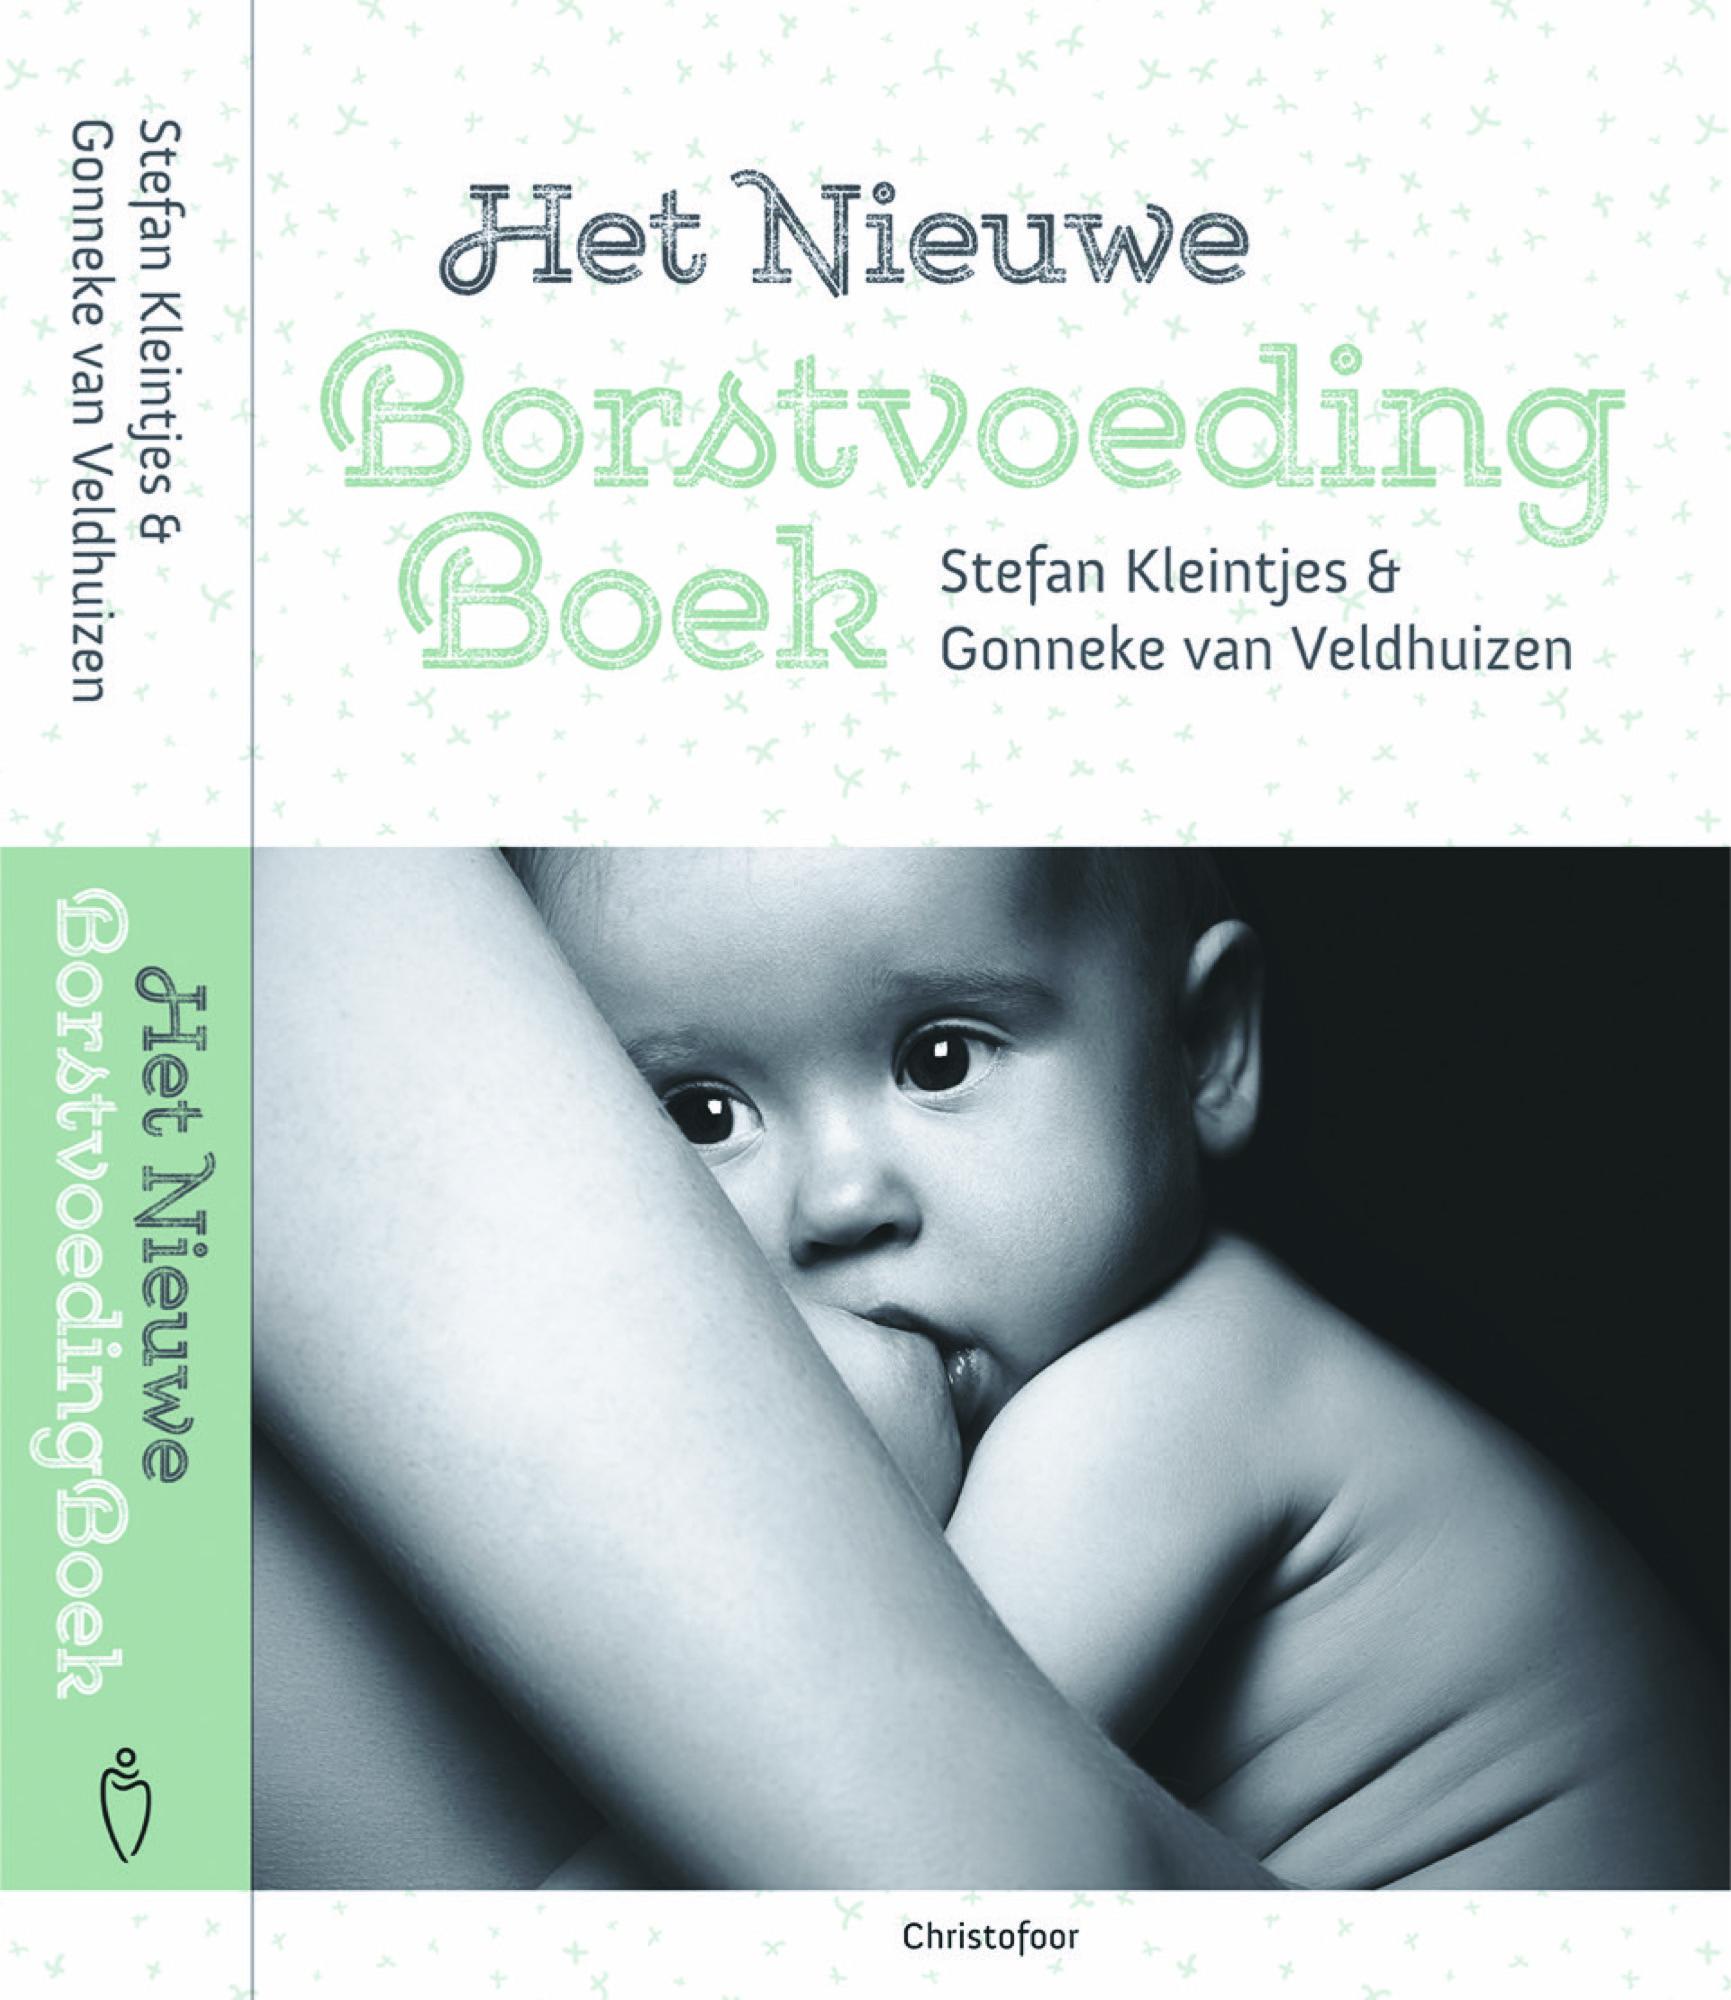 cover_nwbvboek1.jpg